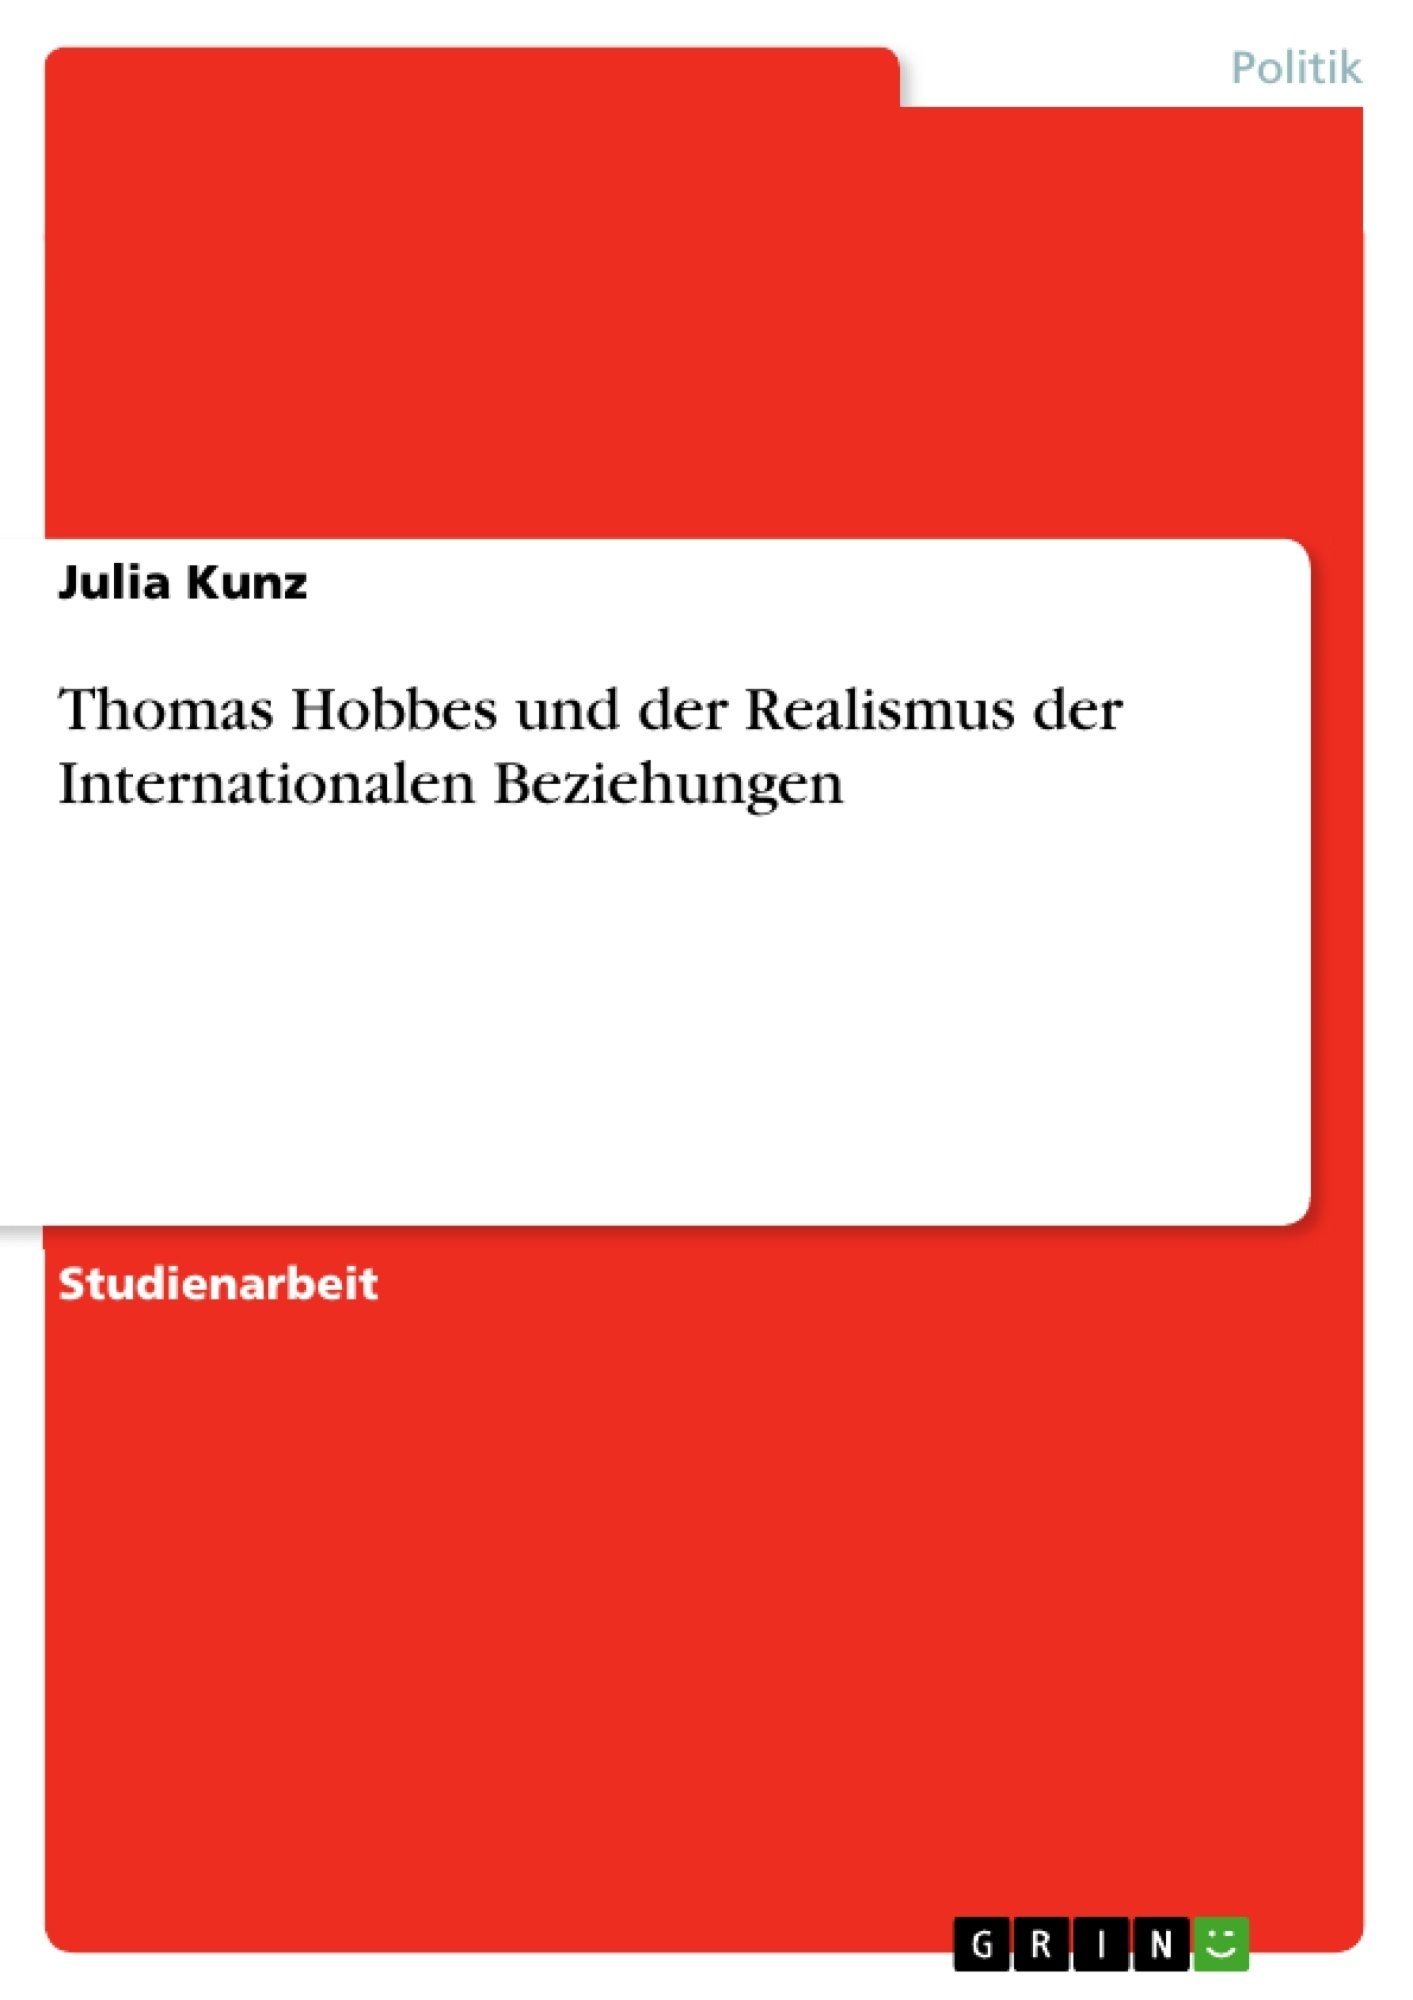 Titel: Thomas Hobbes und der Realismus der Internationalen Beziehungen